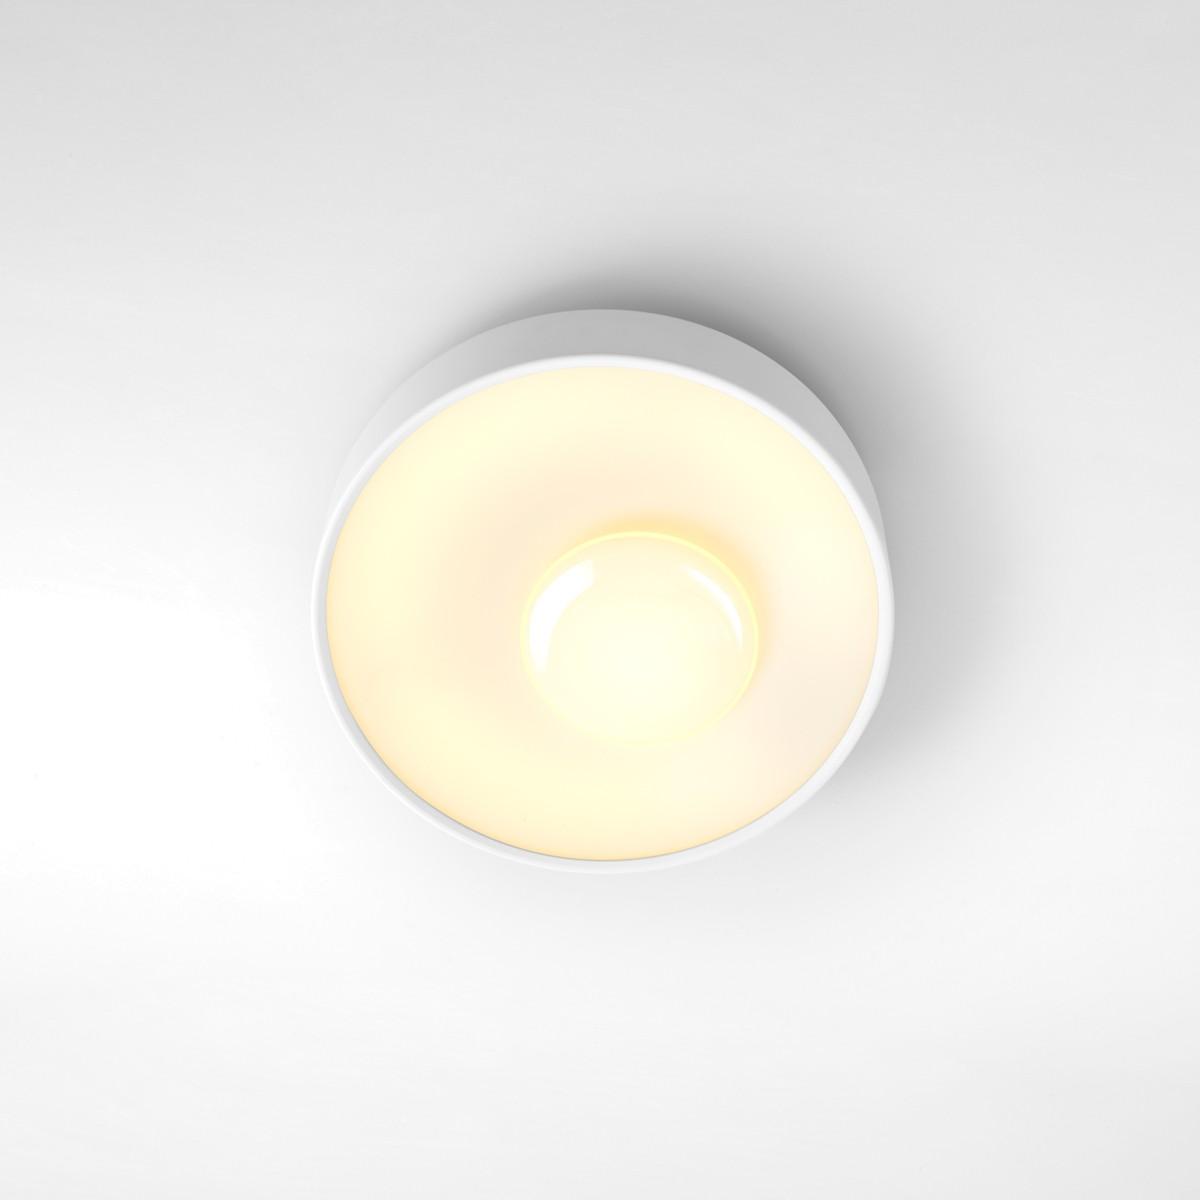 Marset Sun 26 LED Wand- / Deckenleuchte, weiß